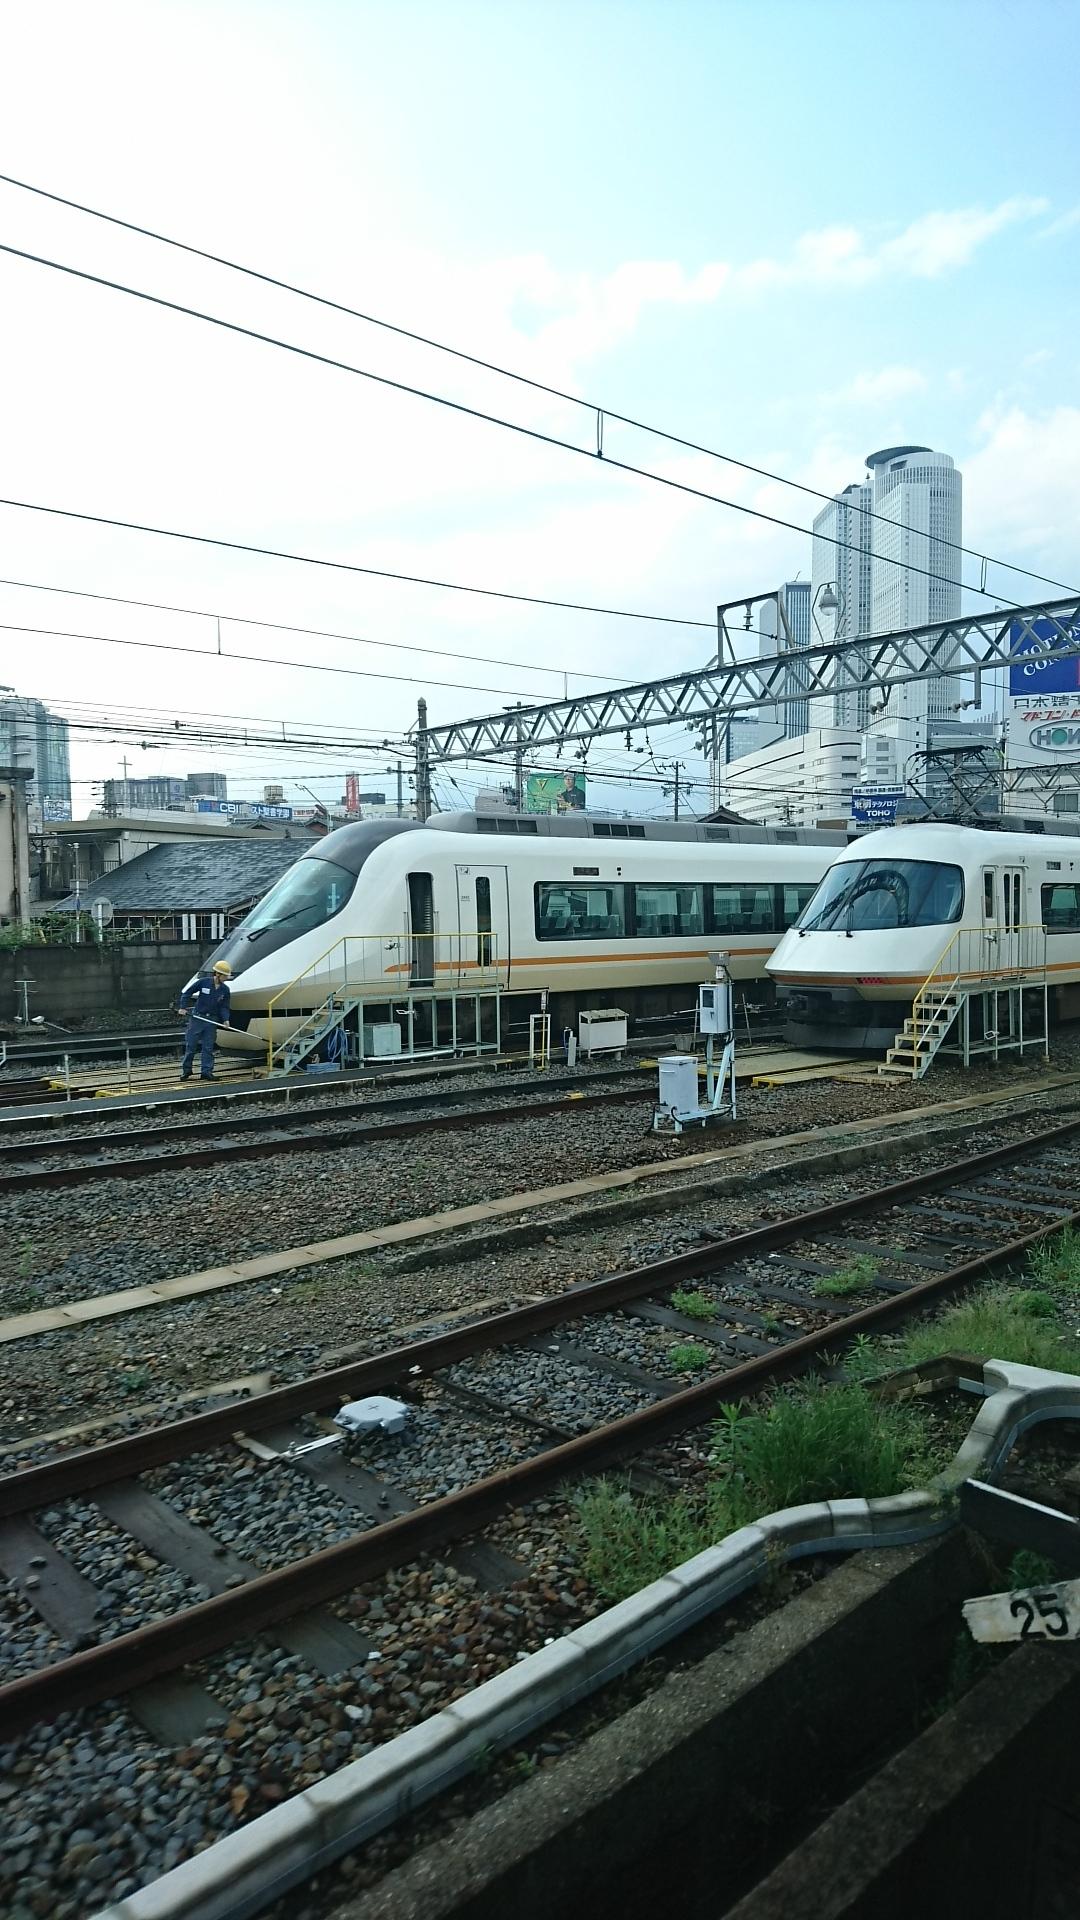 2017.8.18 近鉄 (23) 名古屋いき特急 - 米野のへん 1080-1920